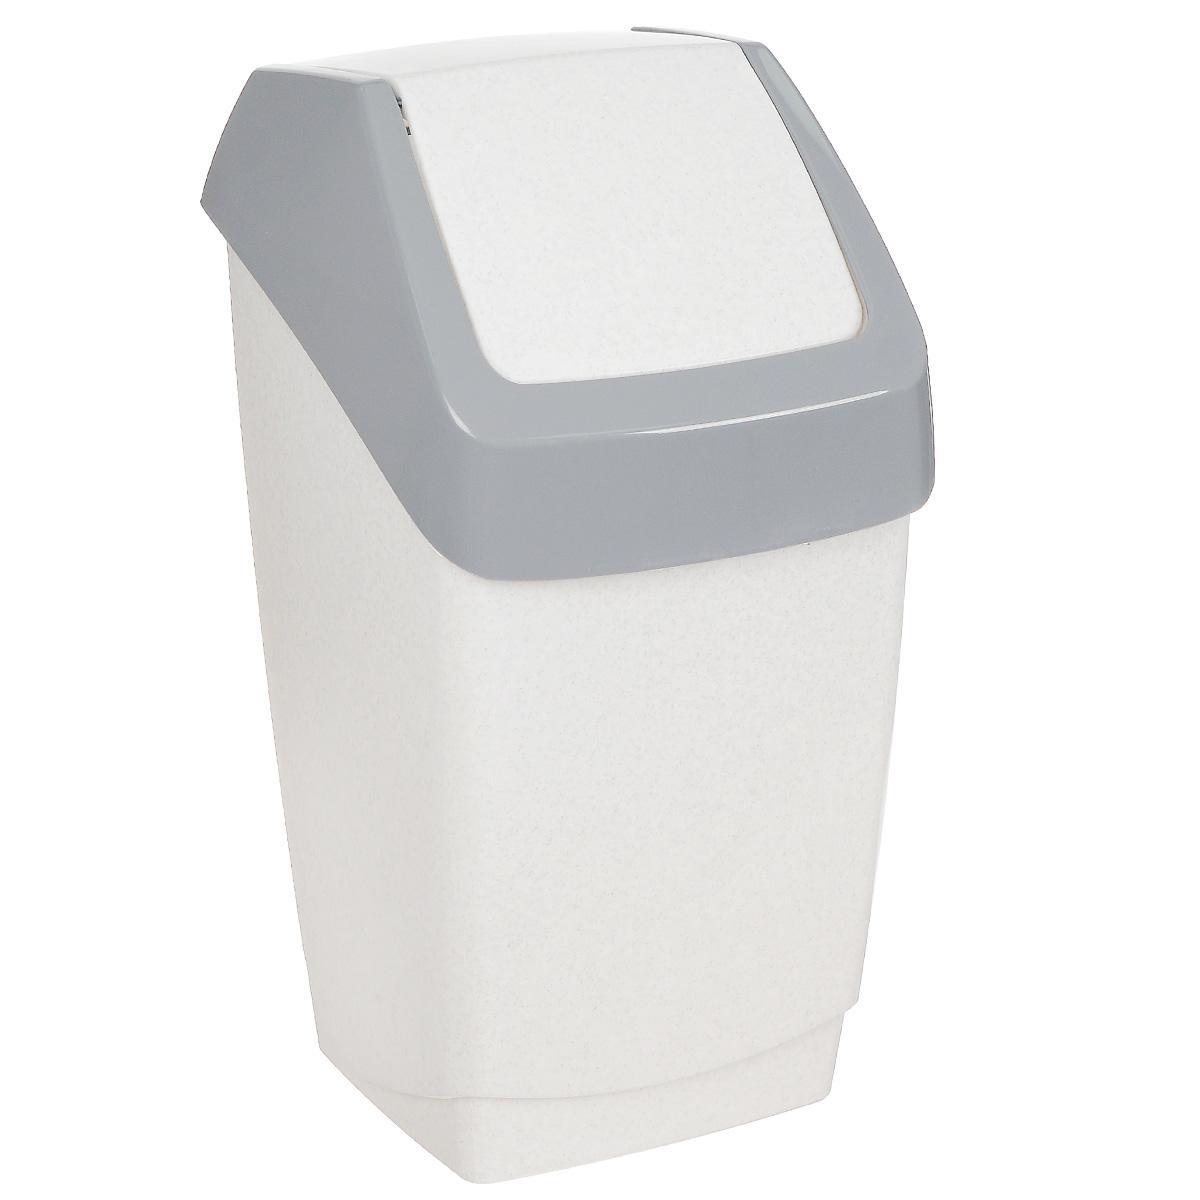 Контейнер для мусора Idea Хапс, цвет: белый мрамор, 15 лМ 2471Контейнер для мусора Idea Хапс изготовлен из прочного полипропилена (пластика). Контейнер снабжен удобной съемной крышкой с подвижной перегородкой. Благодаря лаконичному дизайну такой контейнер идеально впишется в интерьер и дома, и офиса.